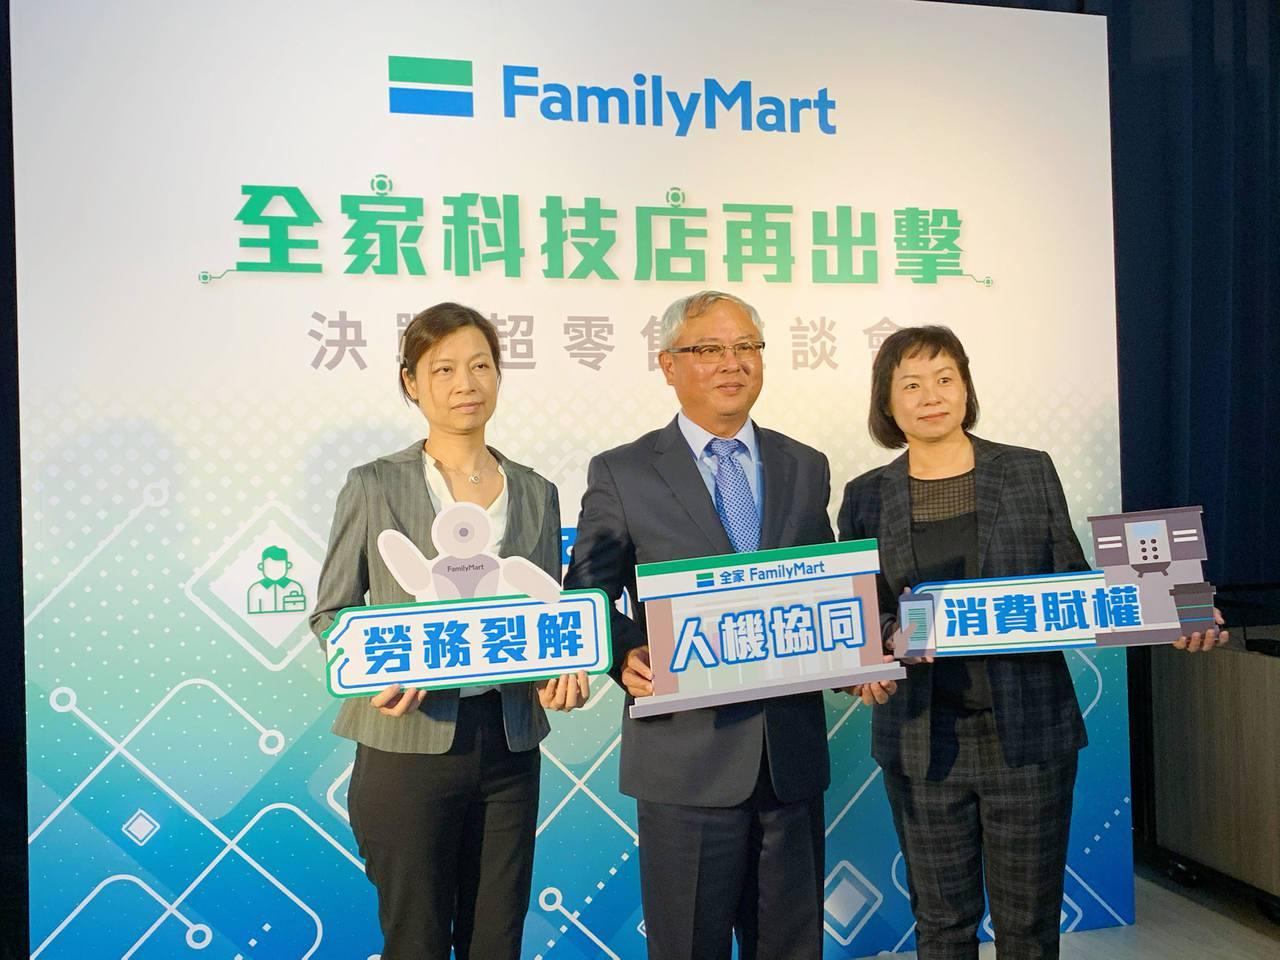 全家「科技2店」10月22日正式開幕,導入11項科技設備。記者徐力剛/攝影